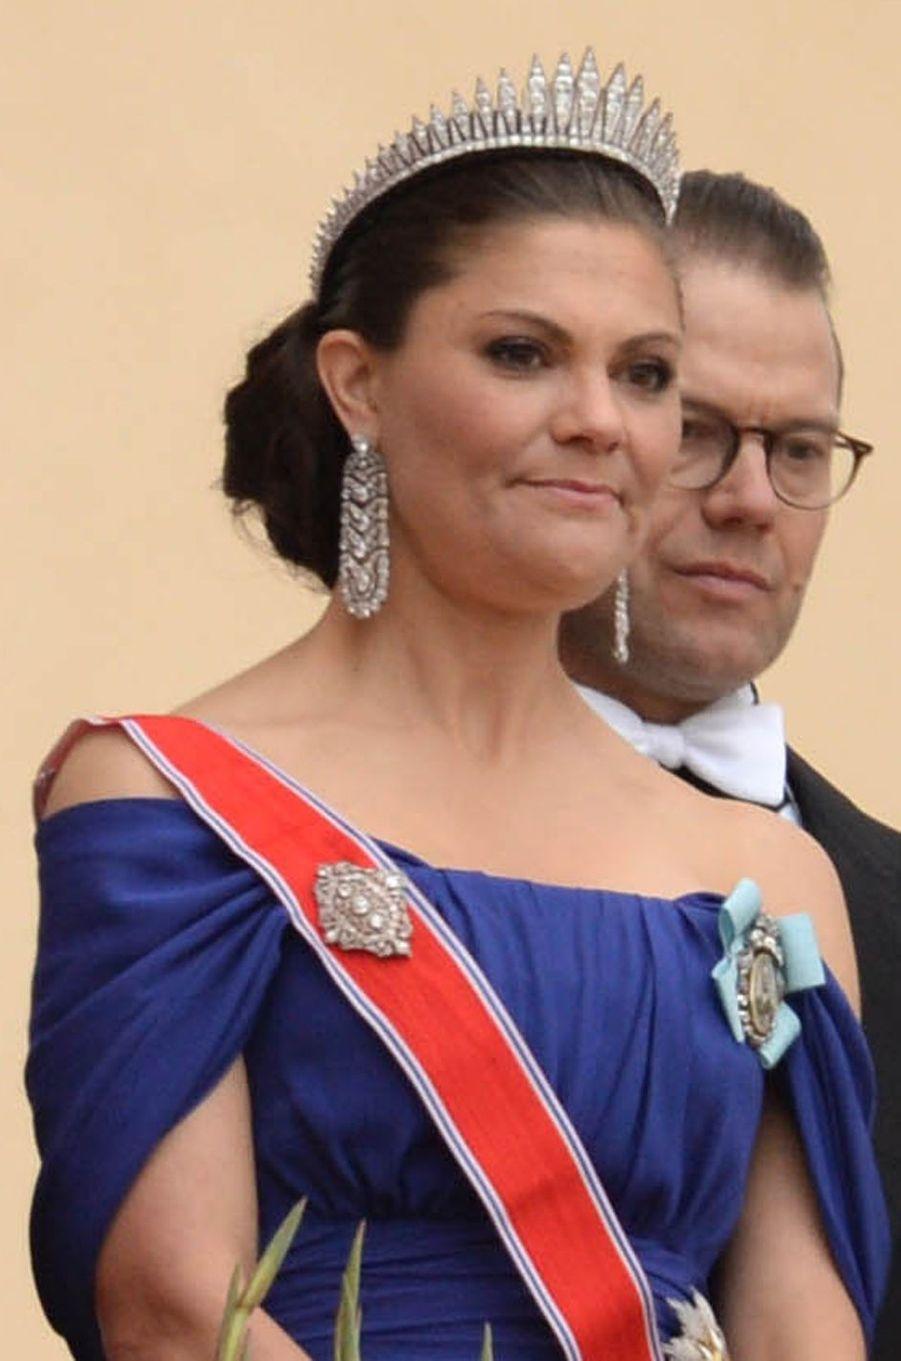 Le diadème de laprincesse Victoria de Suède à Oslo le 9 mai 2017